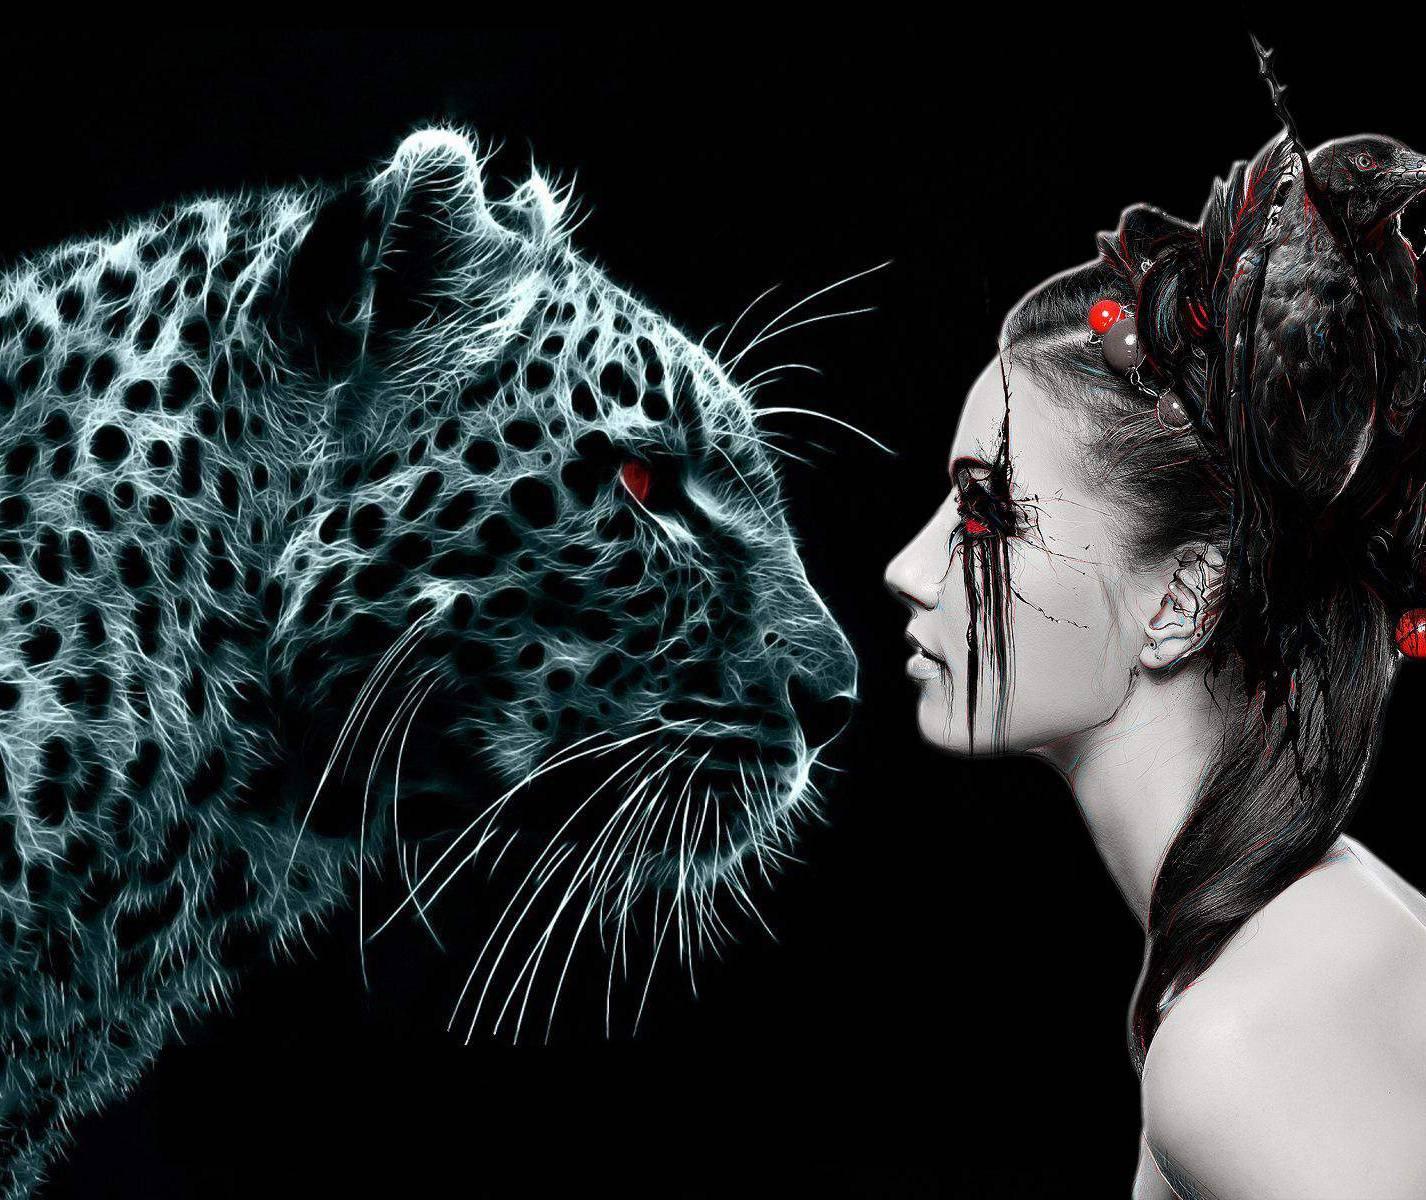 G Kiss D Cheetah